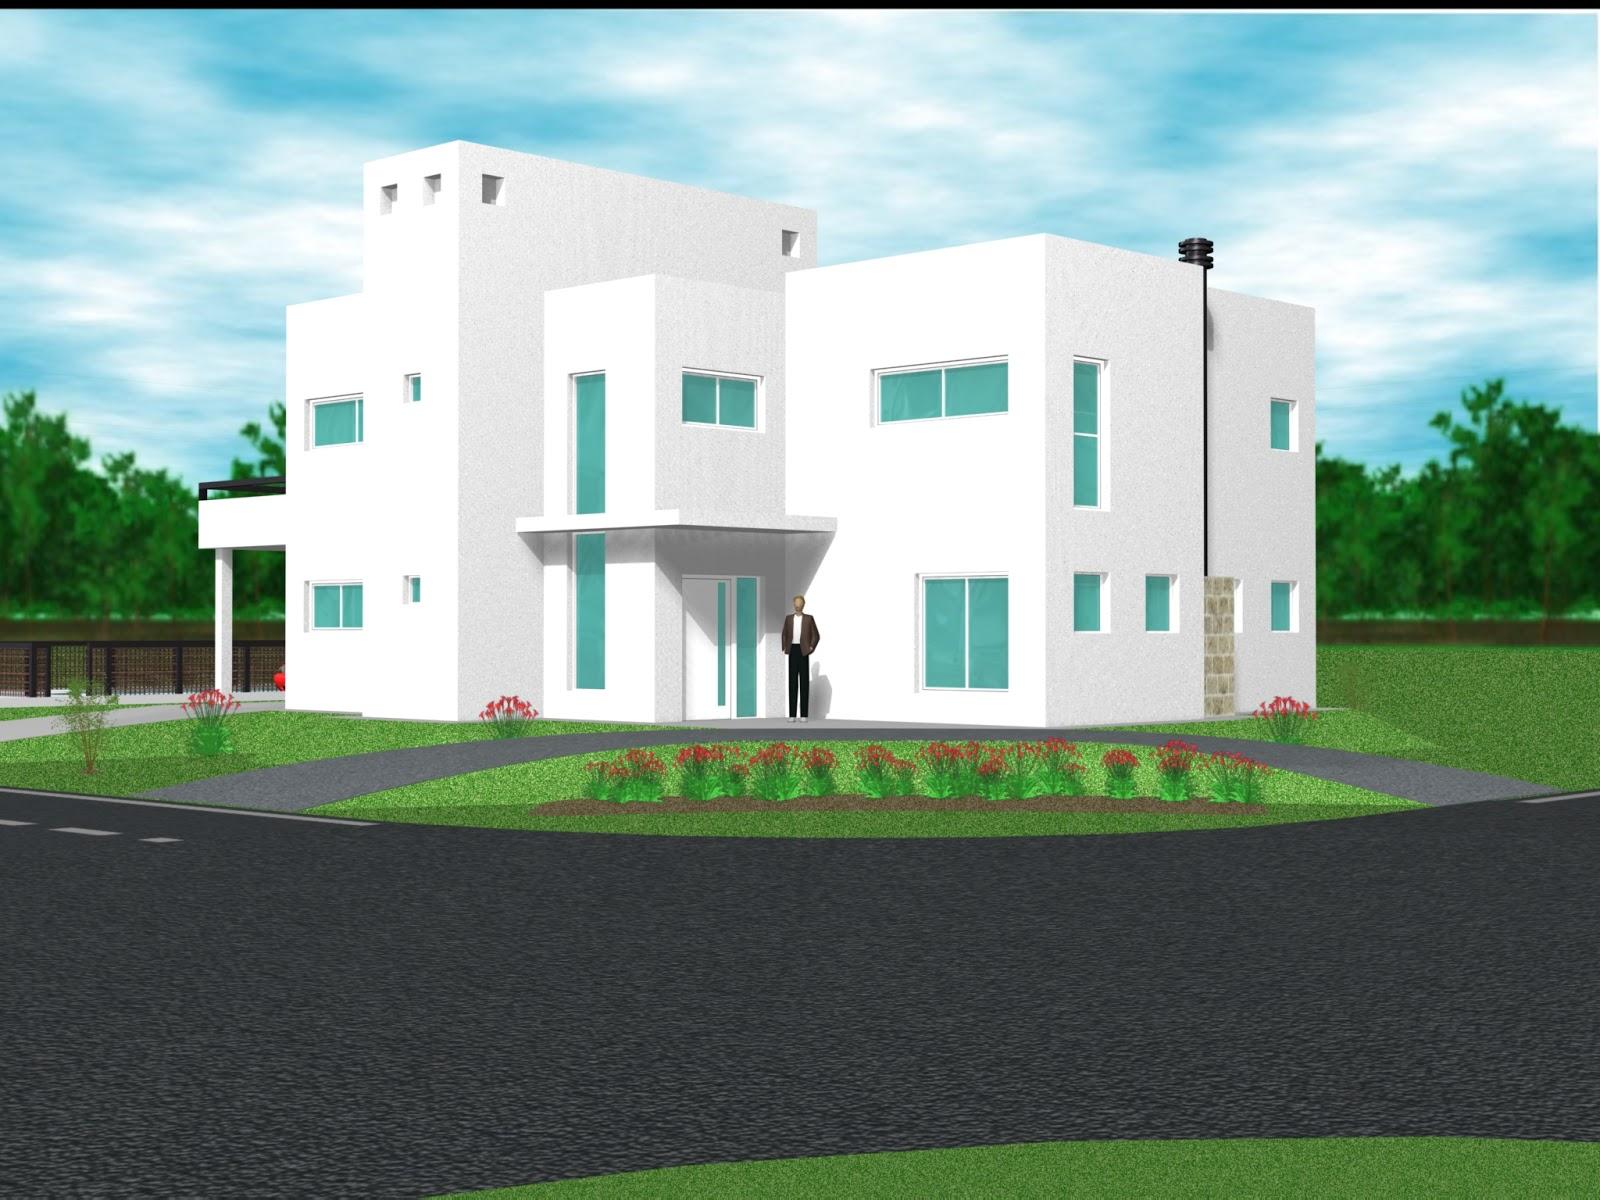 Campo daromy barrio privado proyecto de esquina 180m2 for Casas minimalistas 180m2